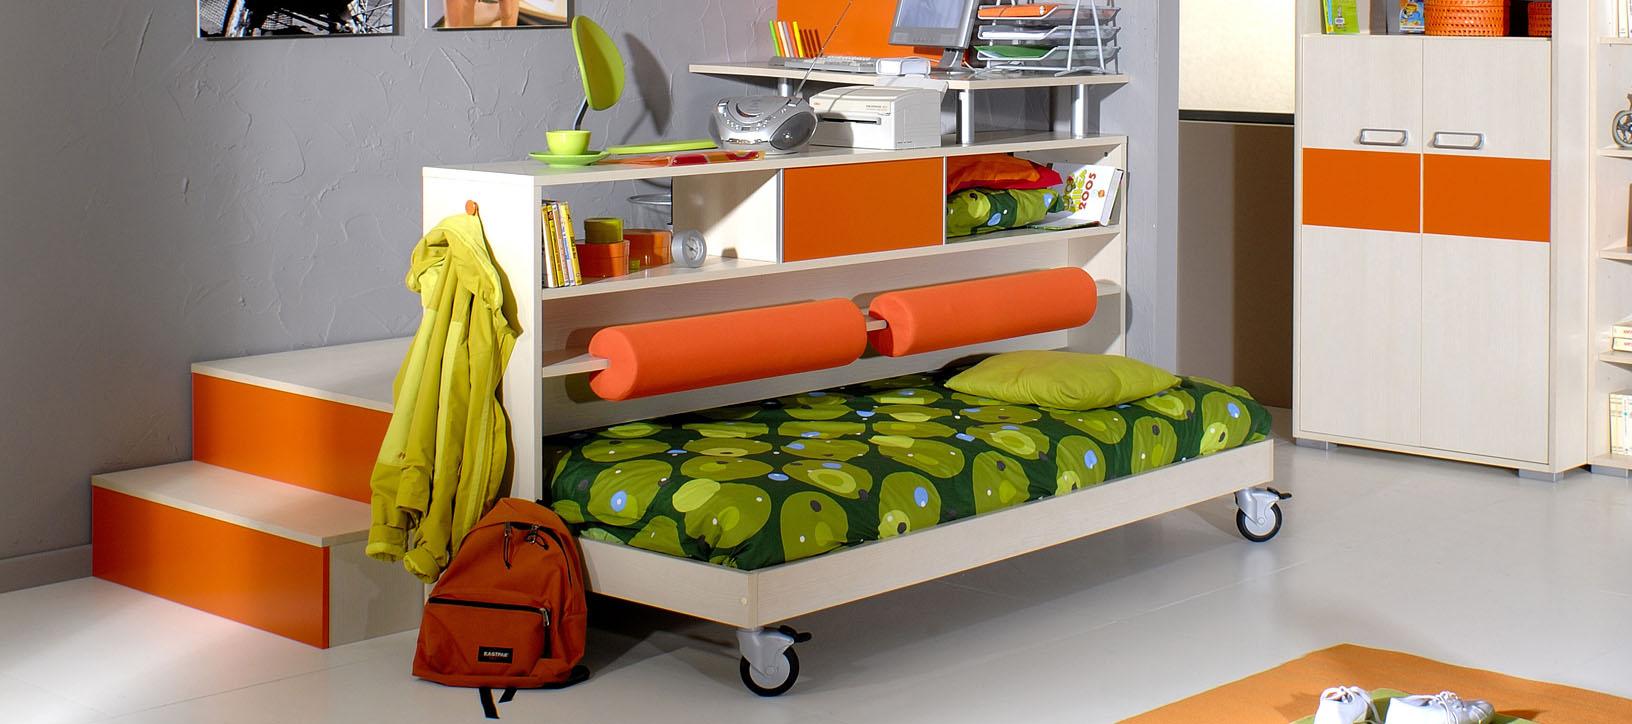 Кровать-подиум своими руками: отличное решение для детской комнаты